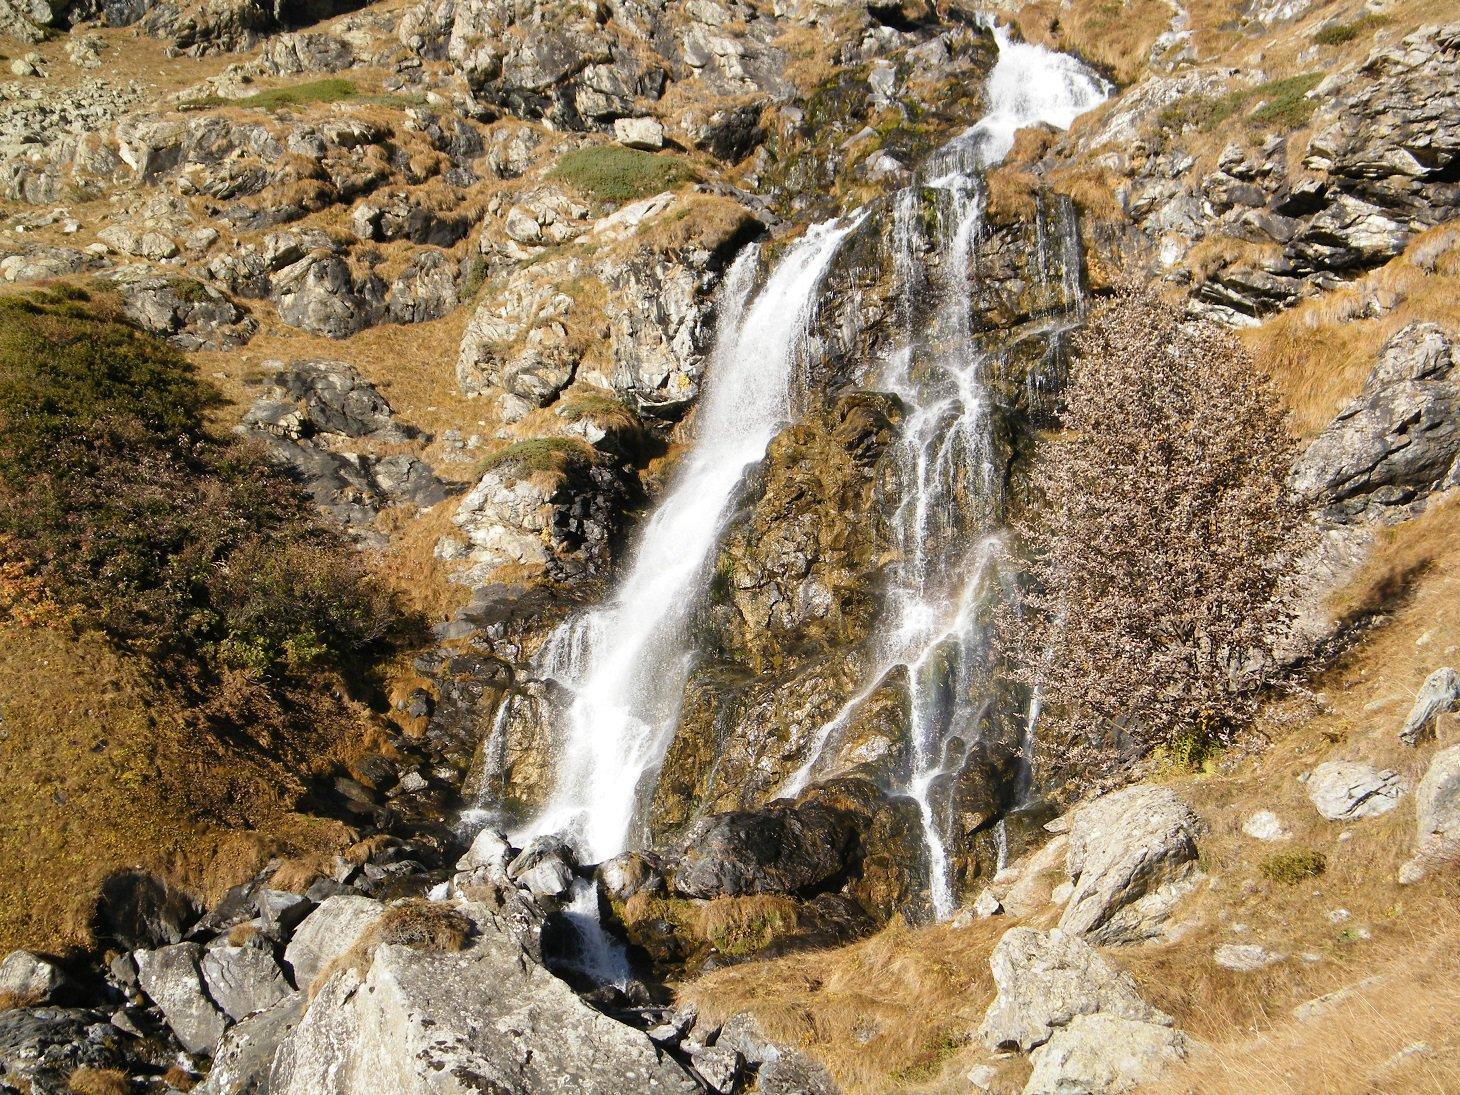 La cascata sotto Pian del Re.